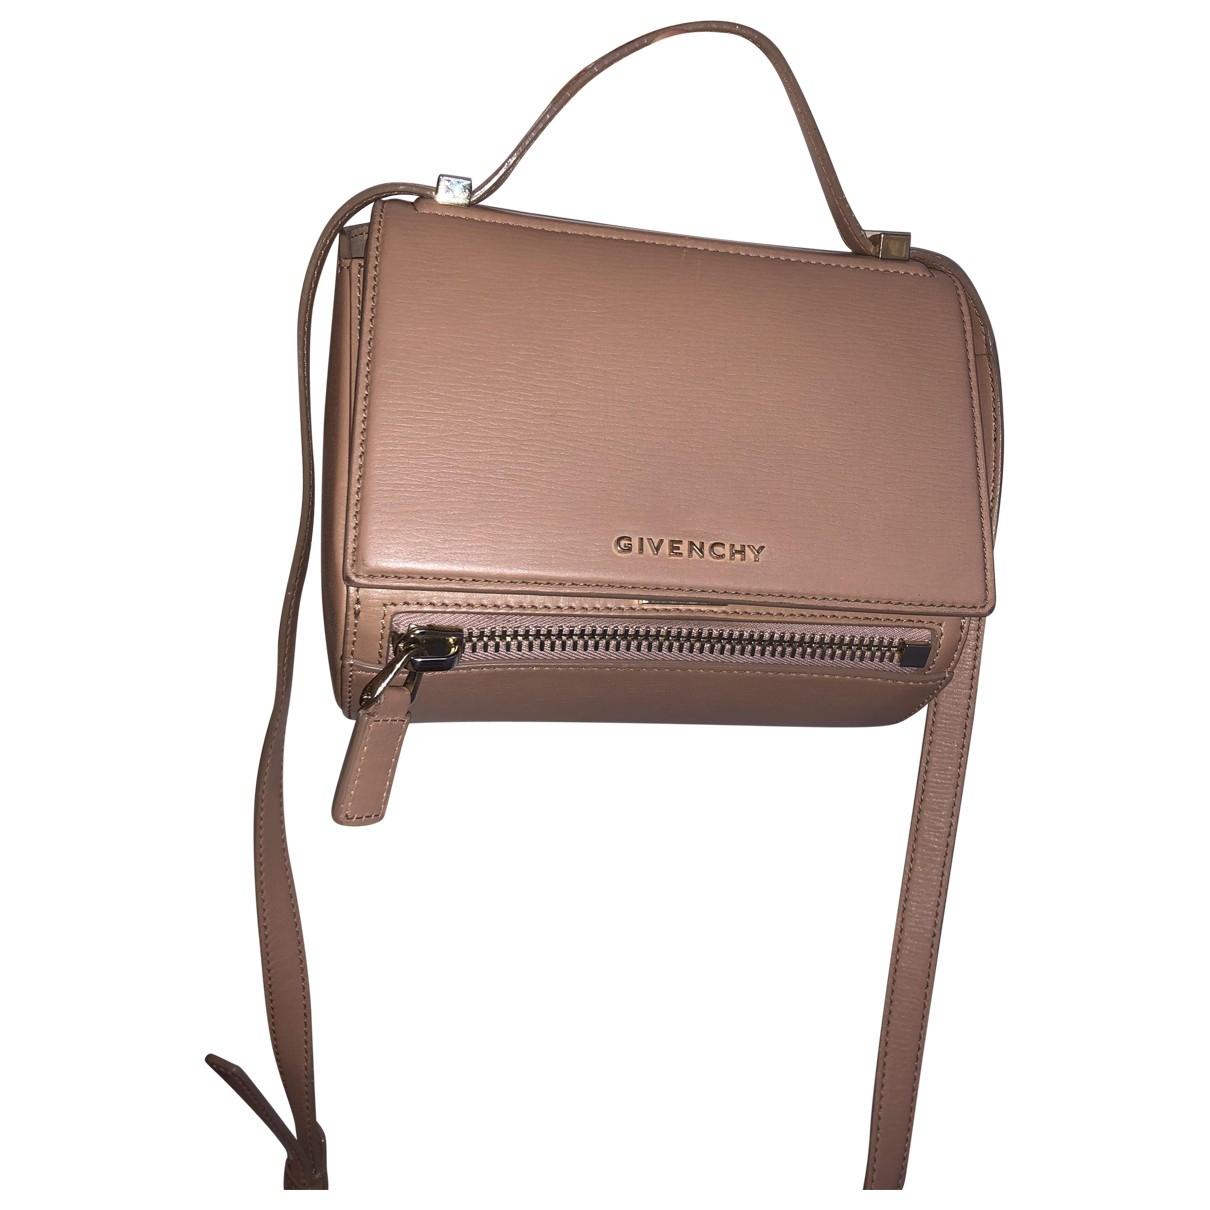 Givenchy Pandora Box Handtasche in  Beige Leder